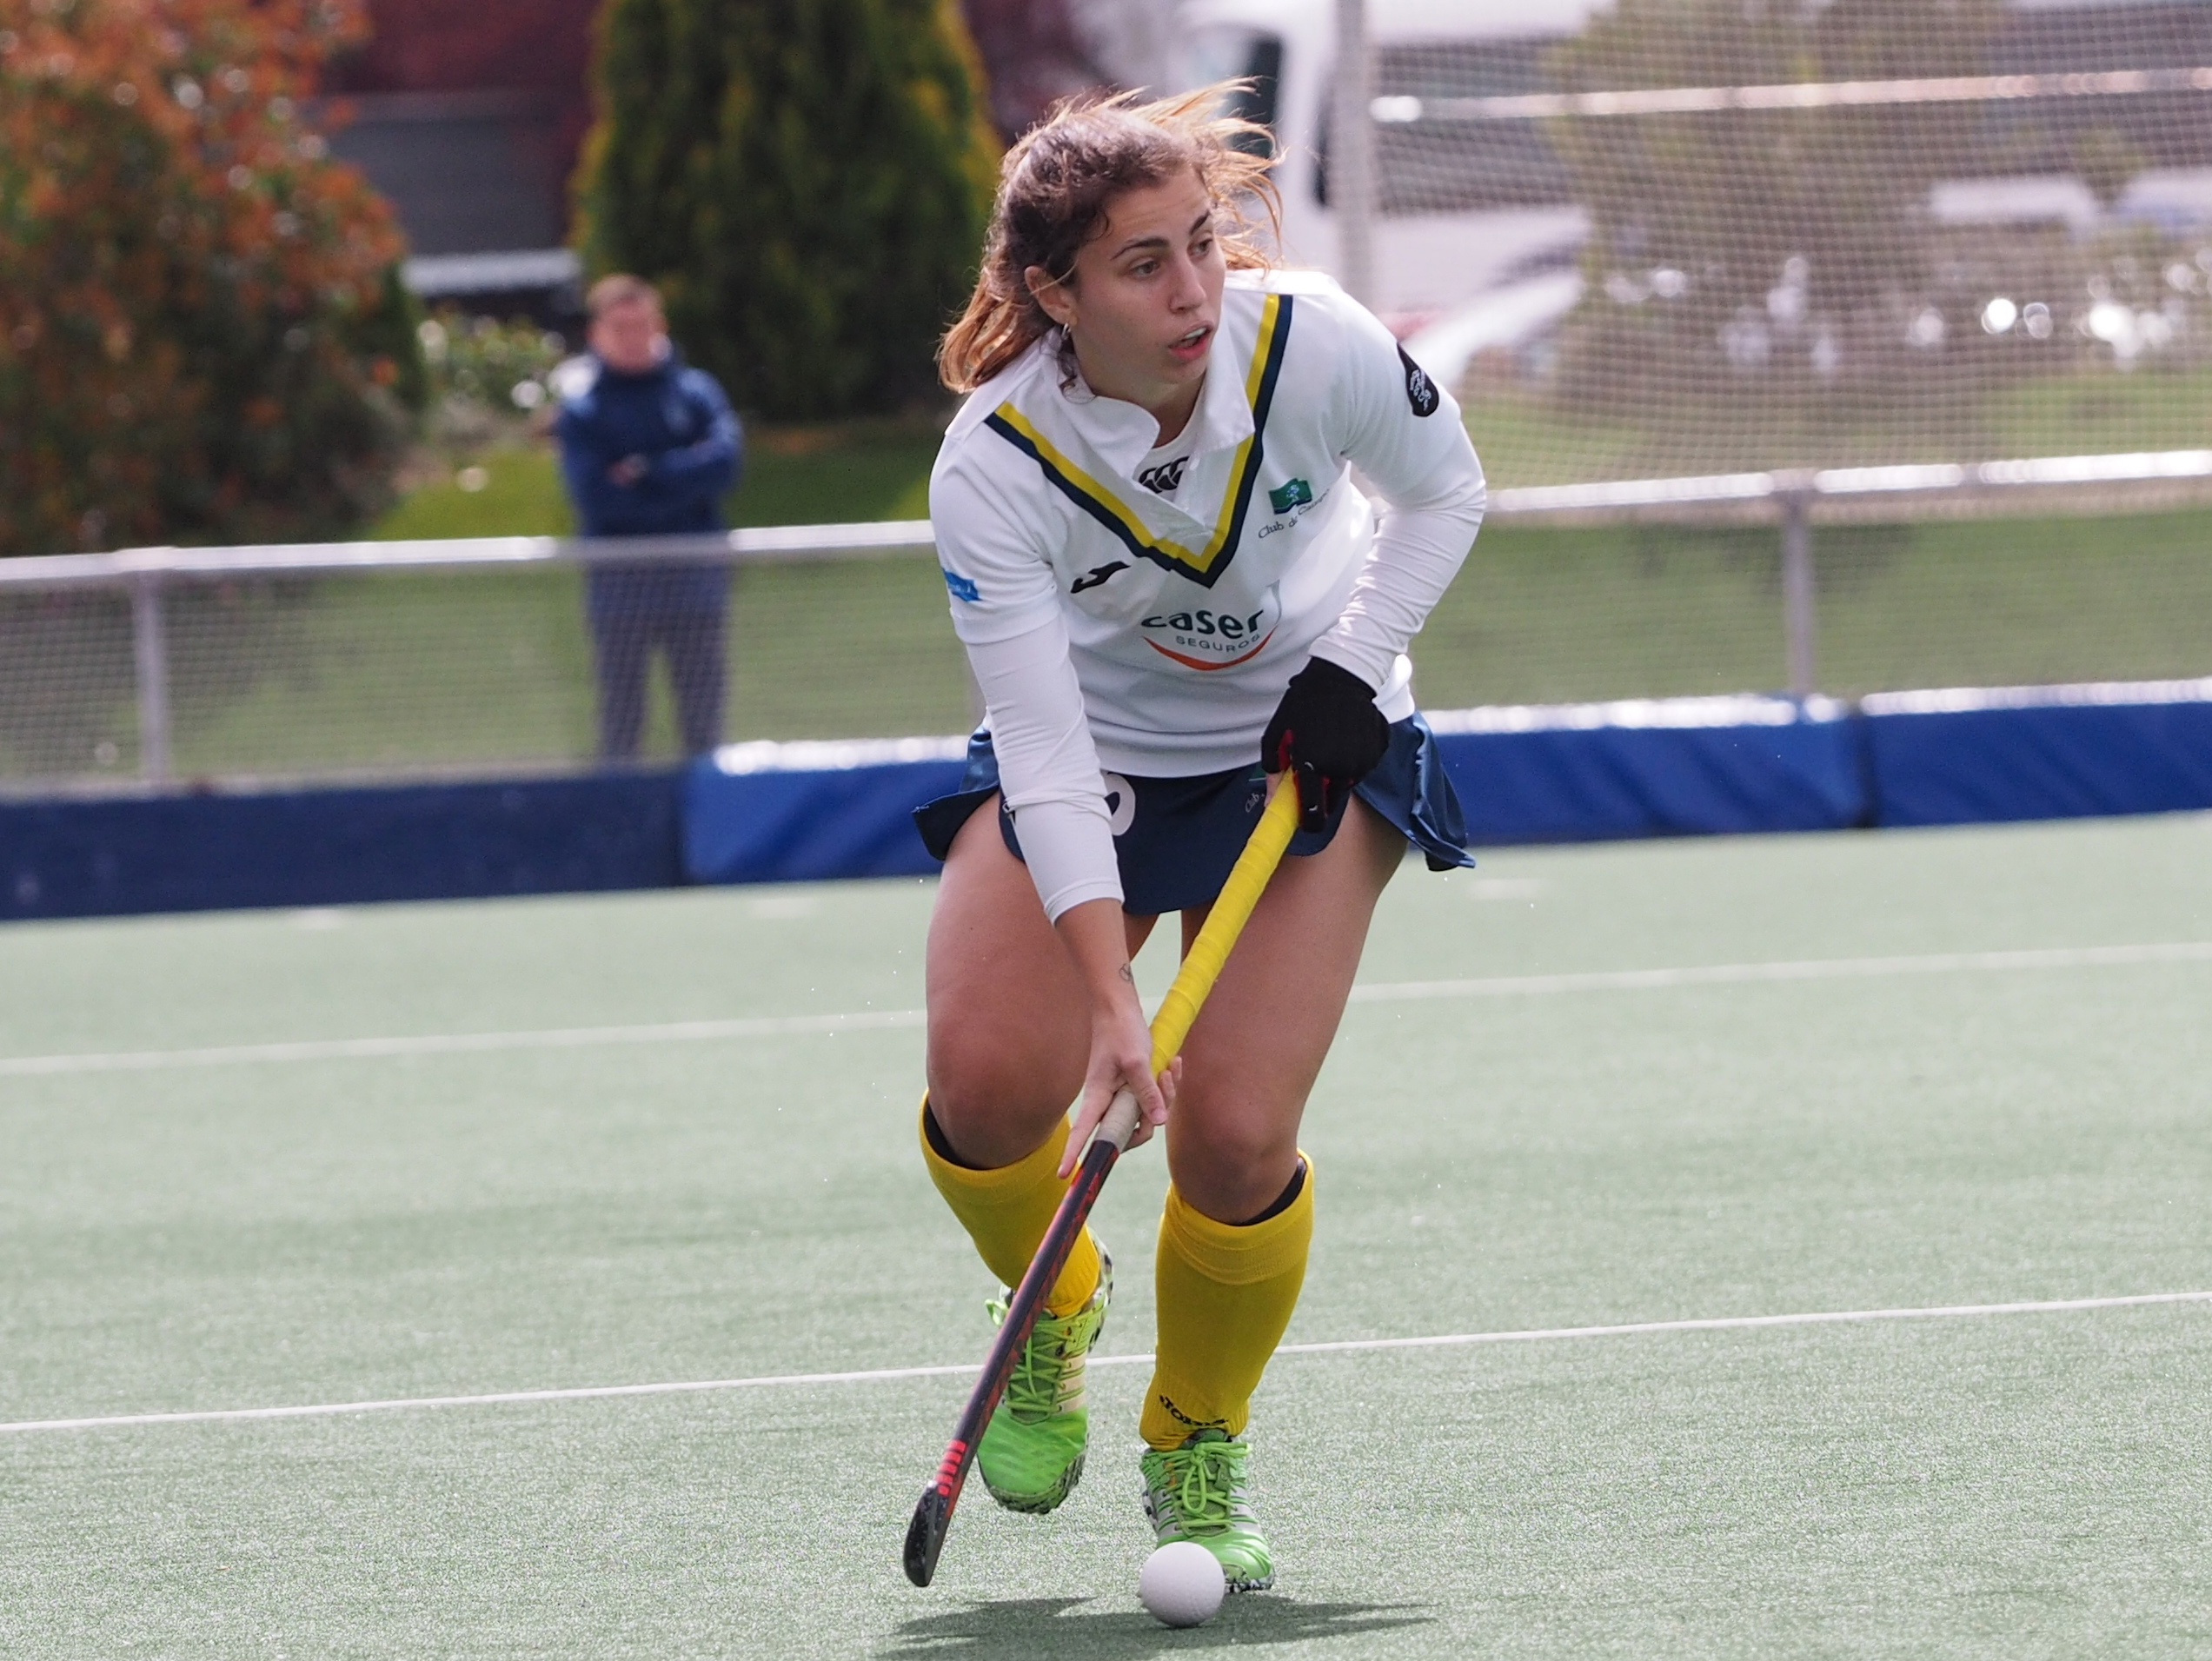 La jugadora Alicia Magaz vuelve al Club de Campo después de dos temporadas.